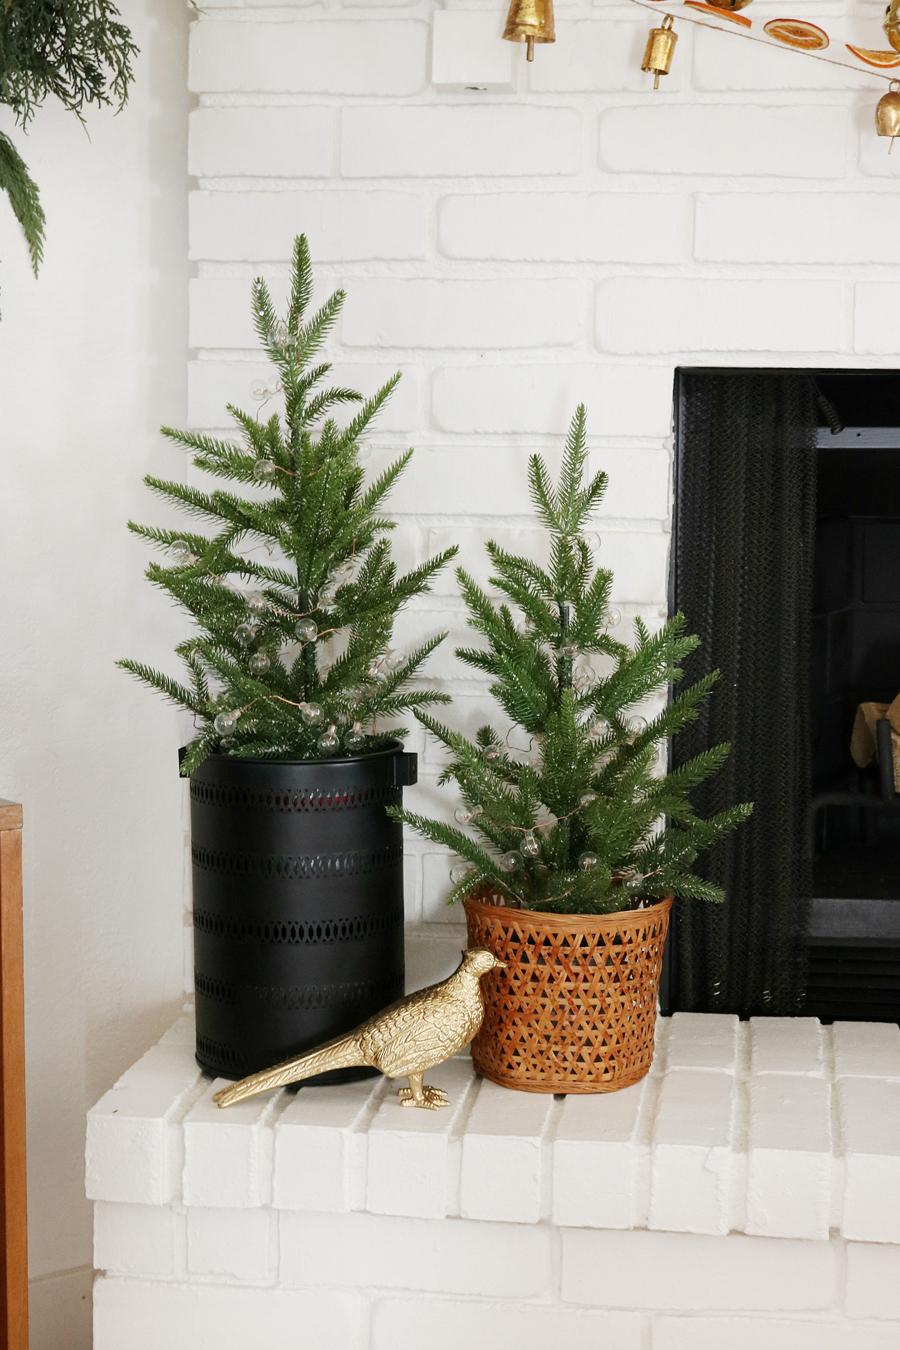 Simple & Modern Christmas Decor Ideas